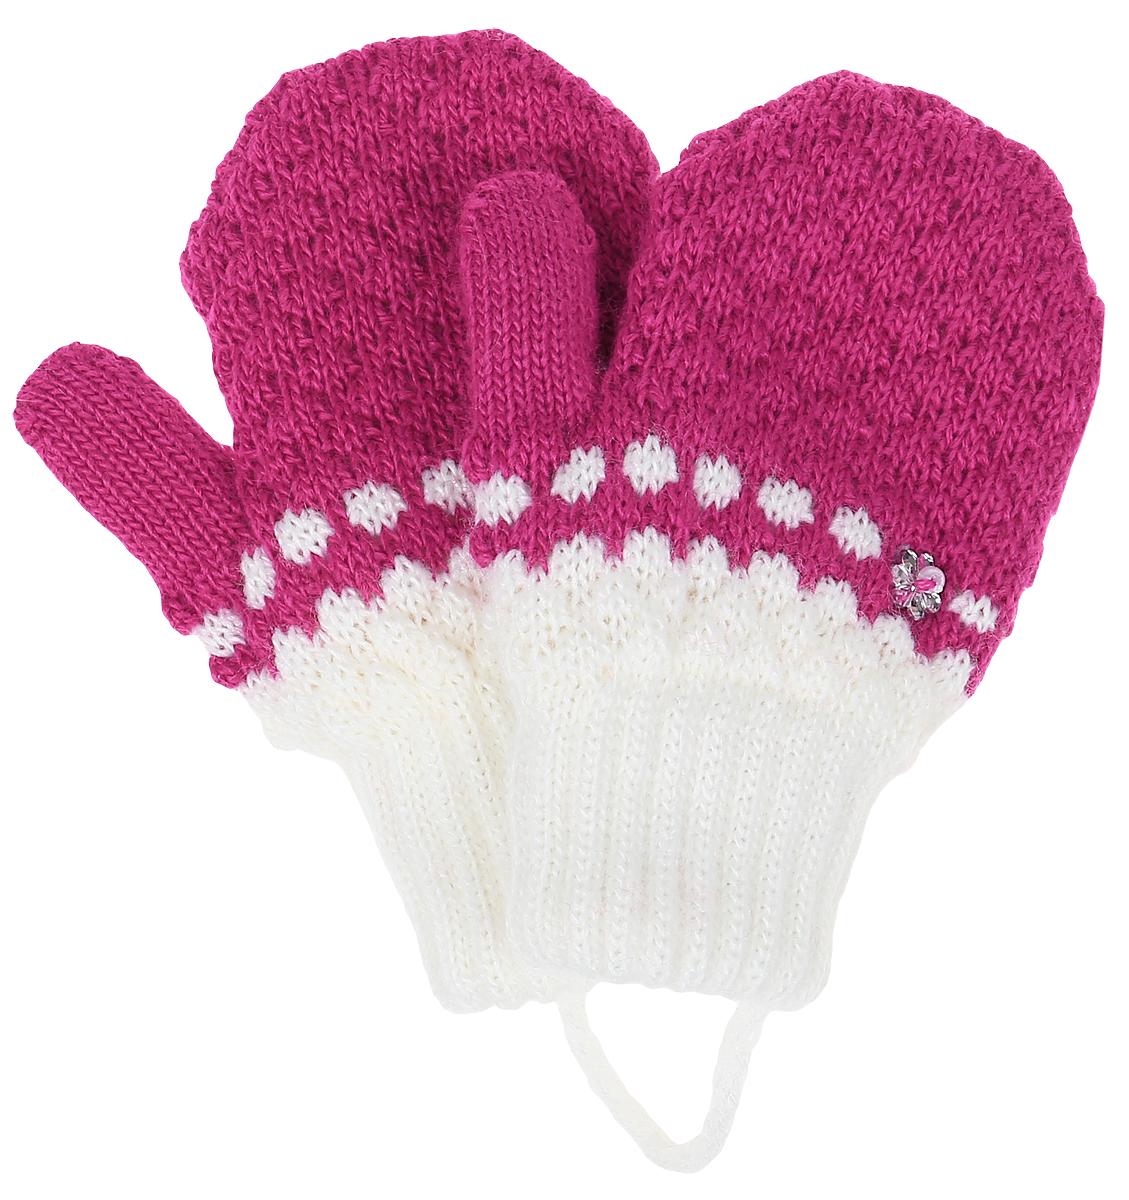 FIOLEK-22Варежки для девочки Margot Bis выполнены из акрила с добавлением теплой шерсти. Изделие оформлено стразами и оригинальным вязаным рисунком. Варежки очень мягкие и приятные на ощупь, не раздражают нежную кожу ребенка, хорошо сохраняют тепло. Верх модели на мягкой резинке, которая не стягивает запястья и надежно фиксирует перчатки на руках ребенка. Варежки связаны шнурком для предотвращения их потери.